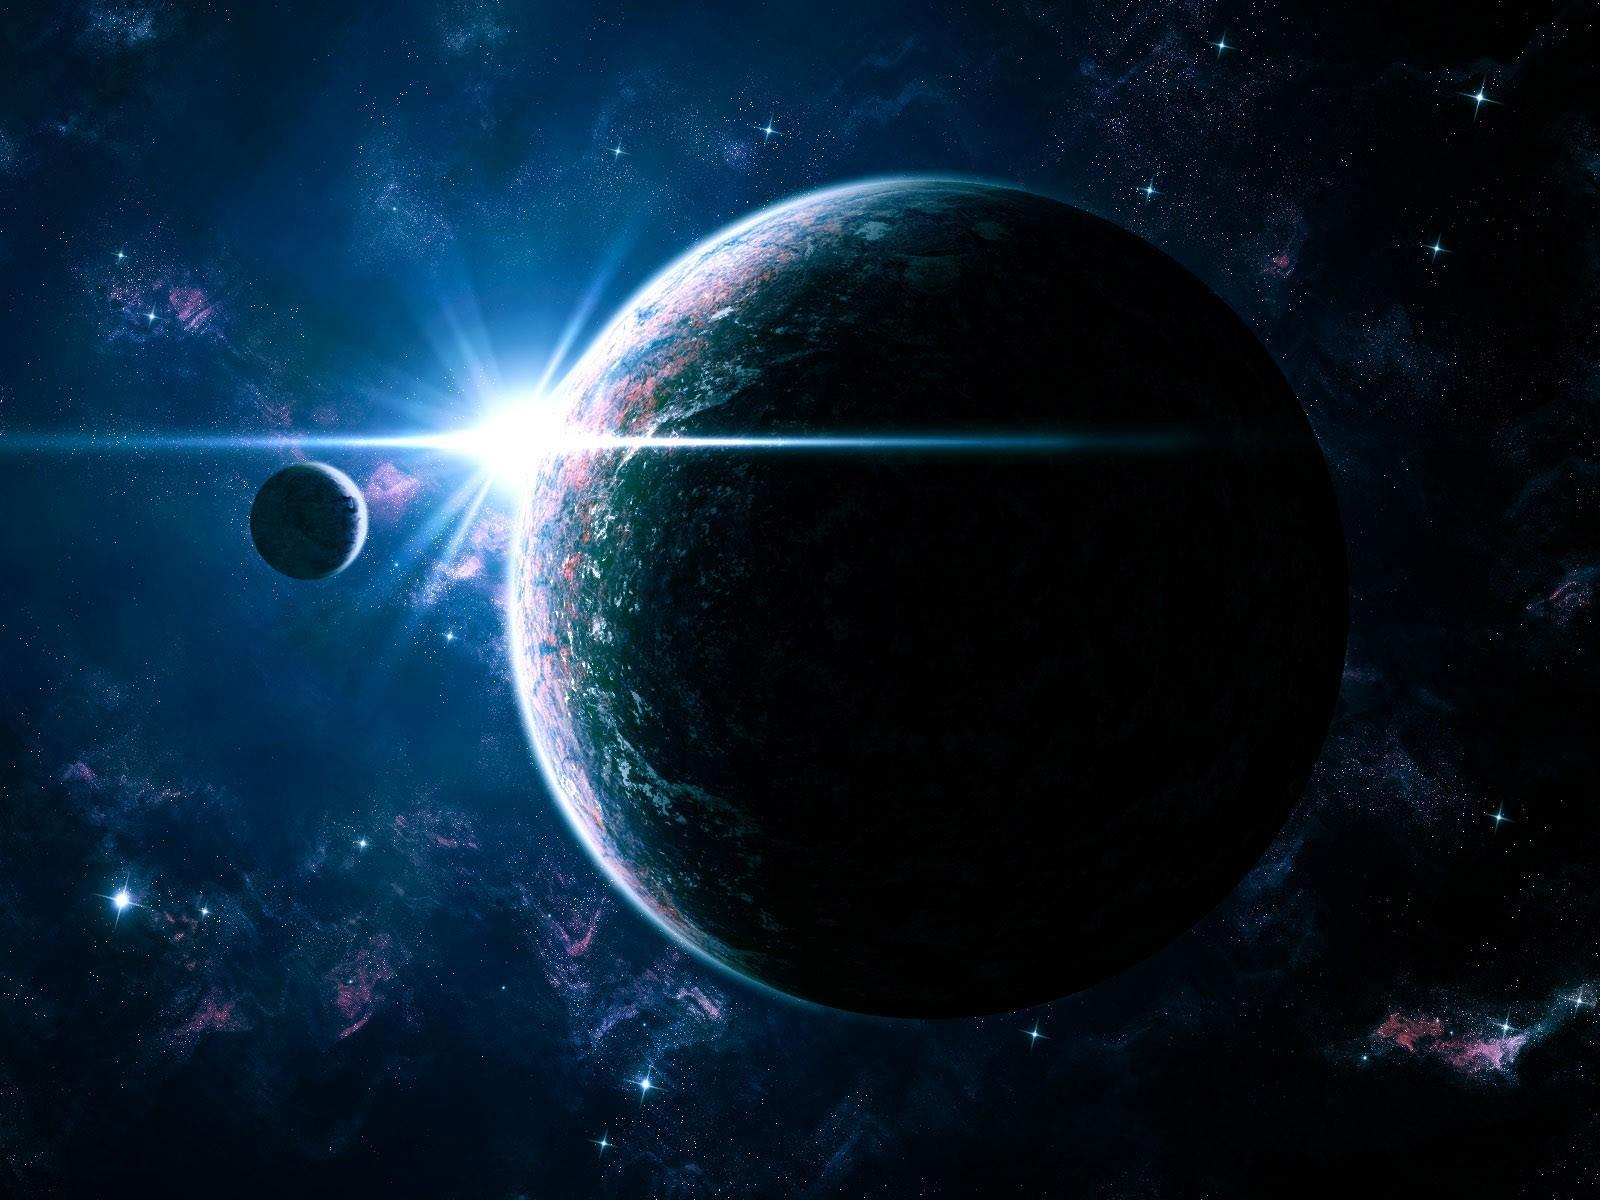 картинки события планеты совершенно точно ещё